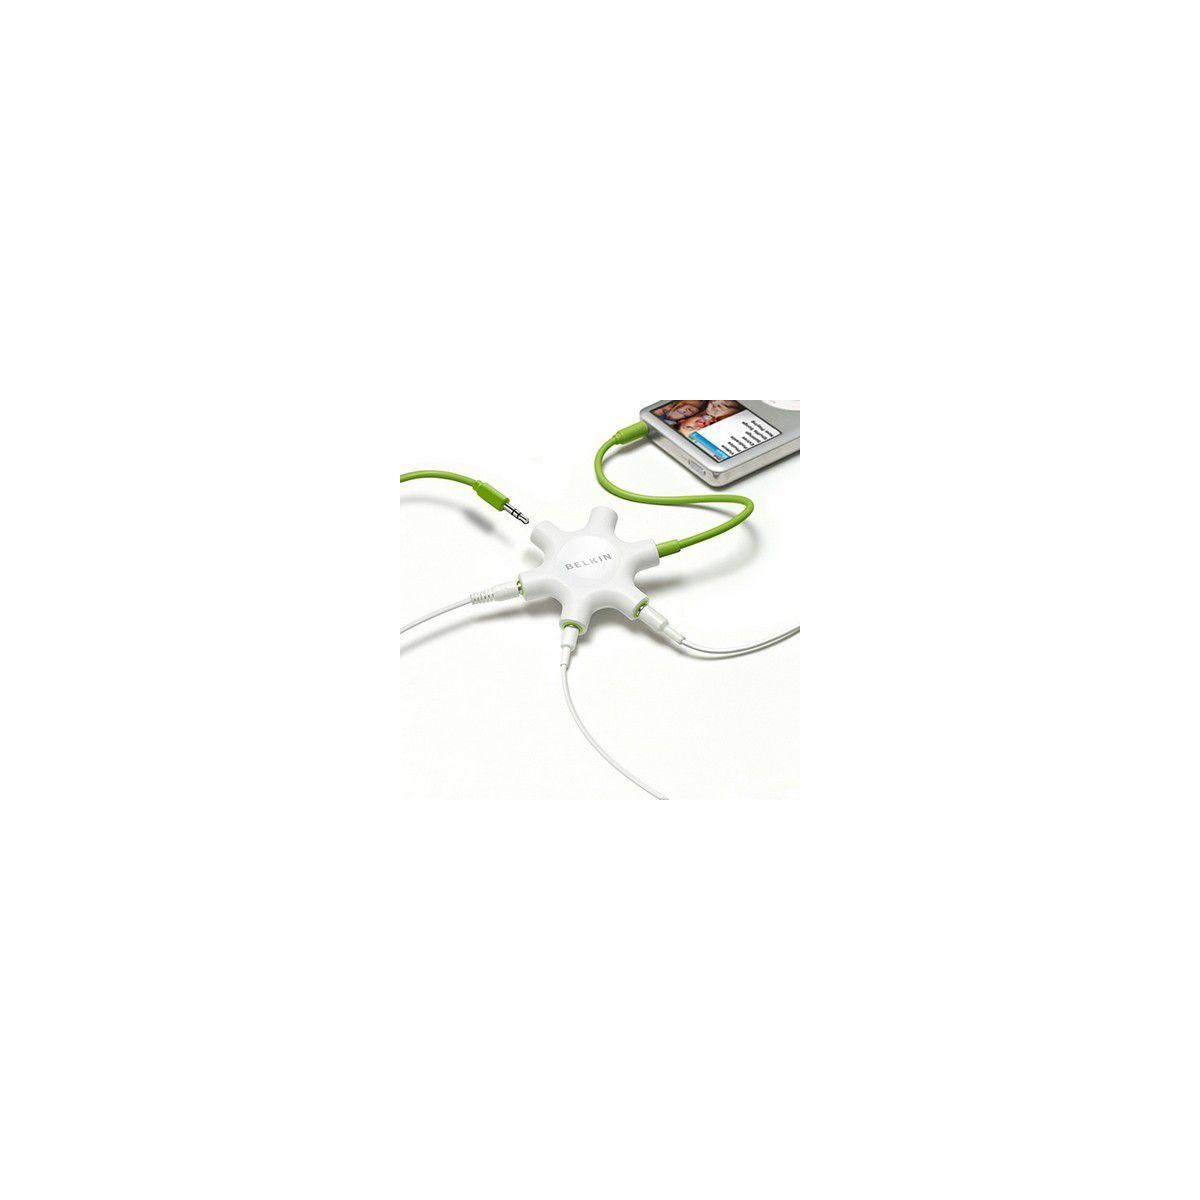 Connectique belkin splitteur 5 casques - 20% de remise immédiate avec le code : cool20 (photo)